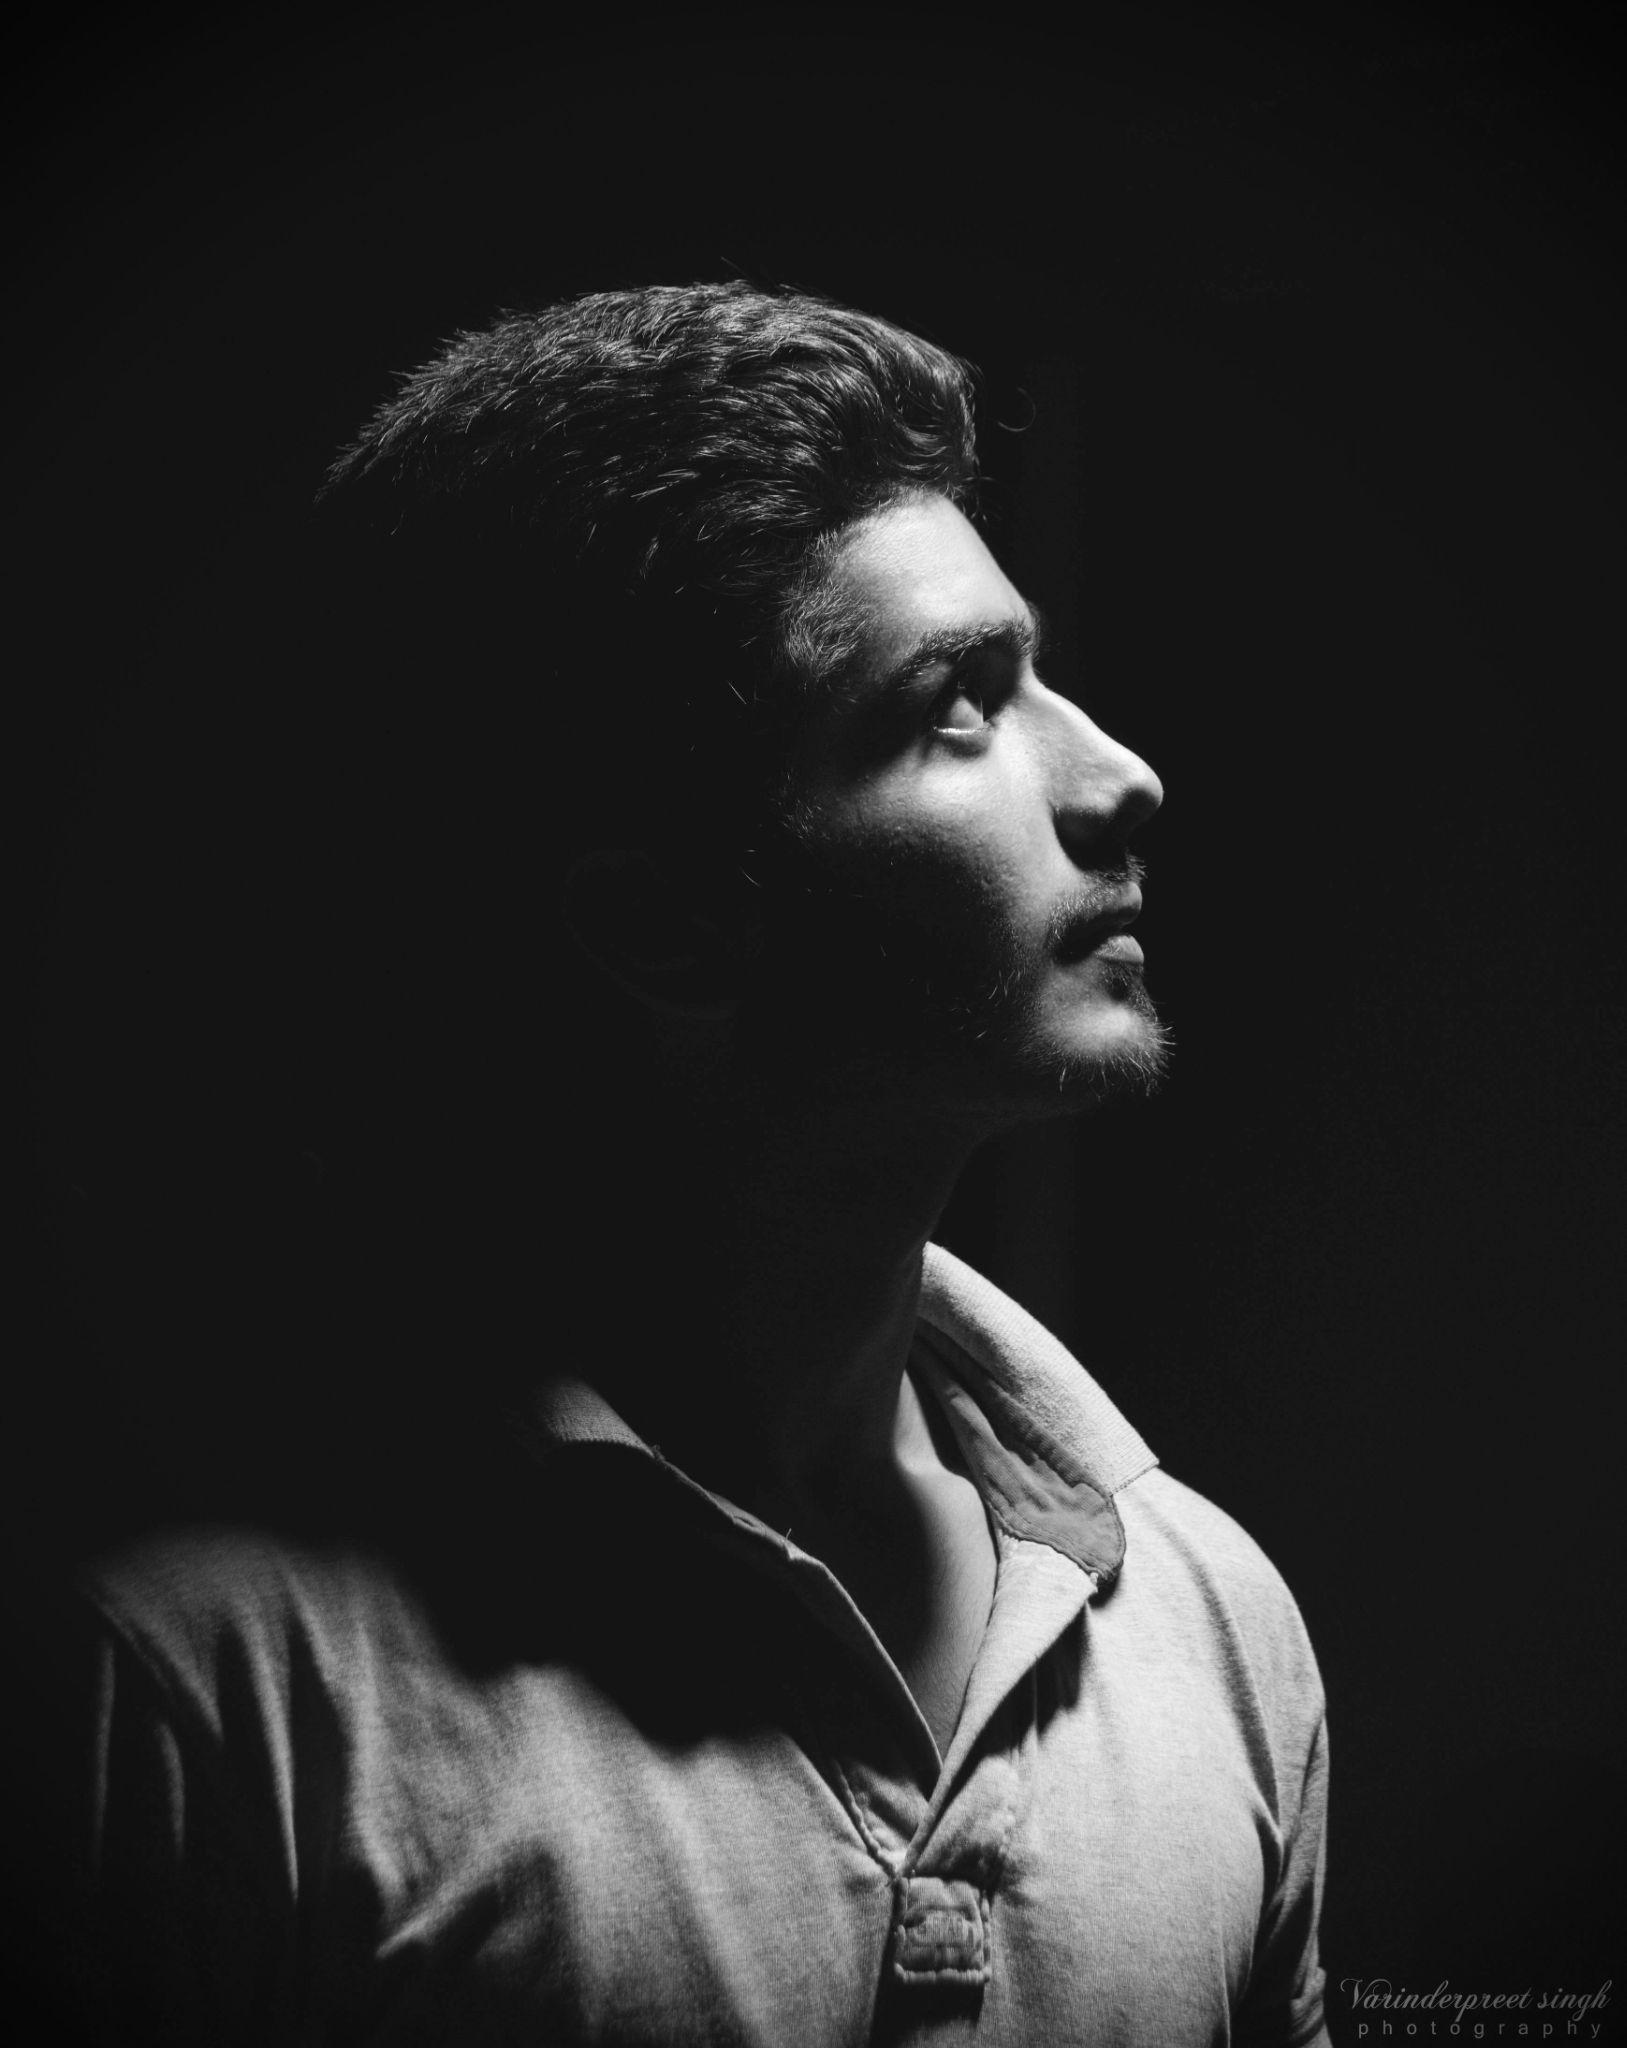 The Hope by Varinderpreet Singh